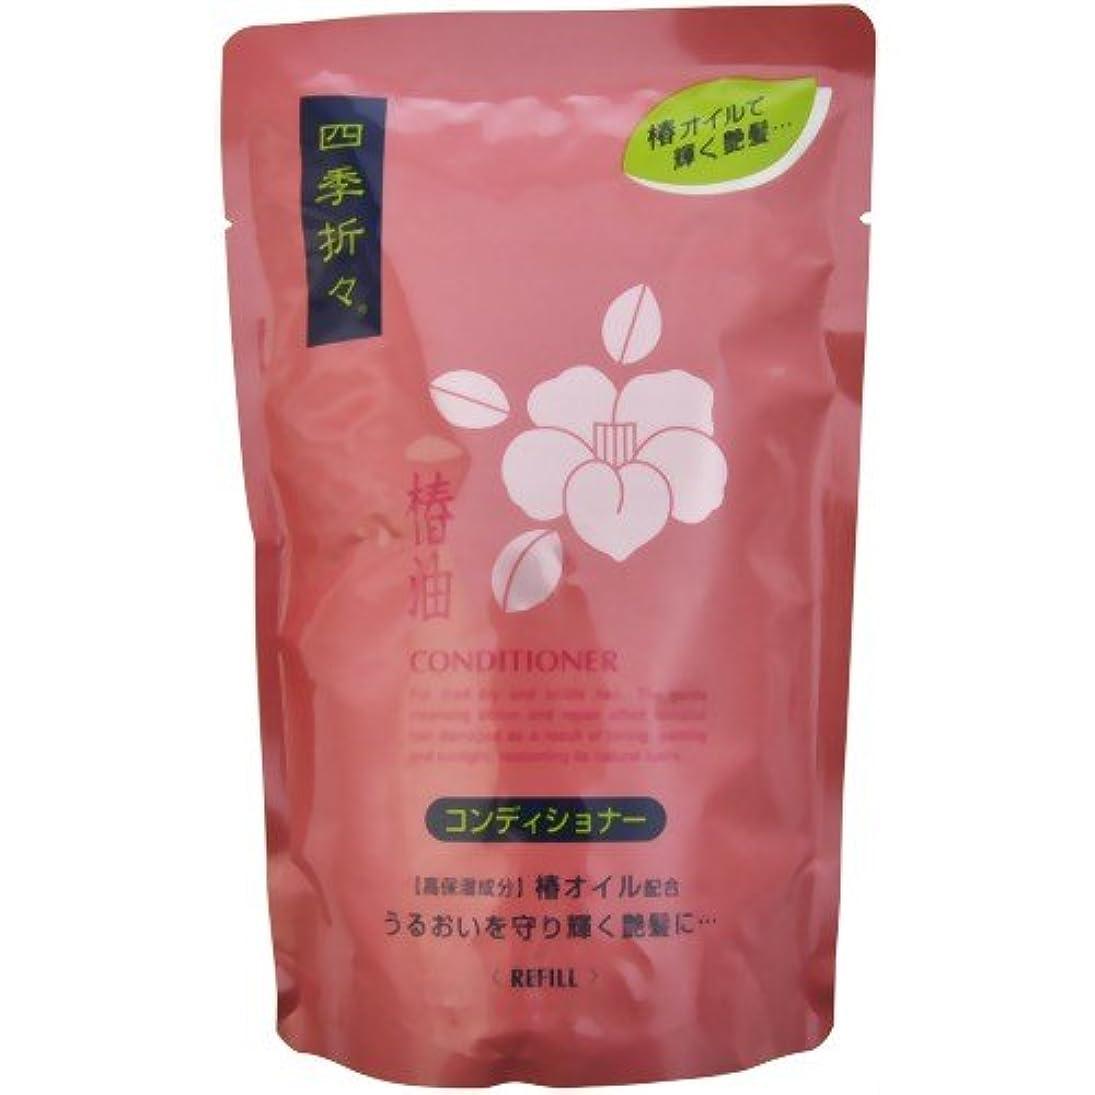 魅了するアイデアコーラス熊野油脂 四季折々 椿油コンディショナー 詰替用 450ml